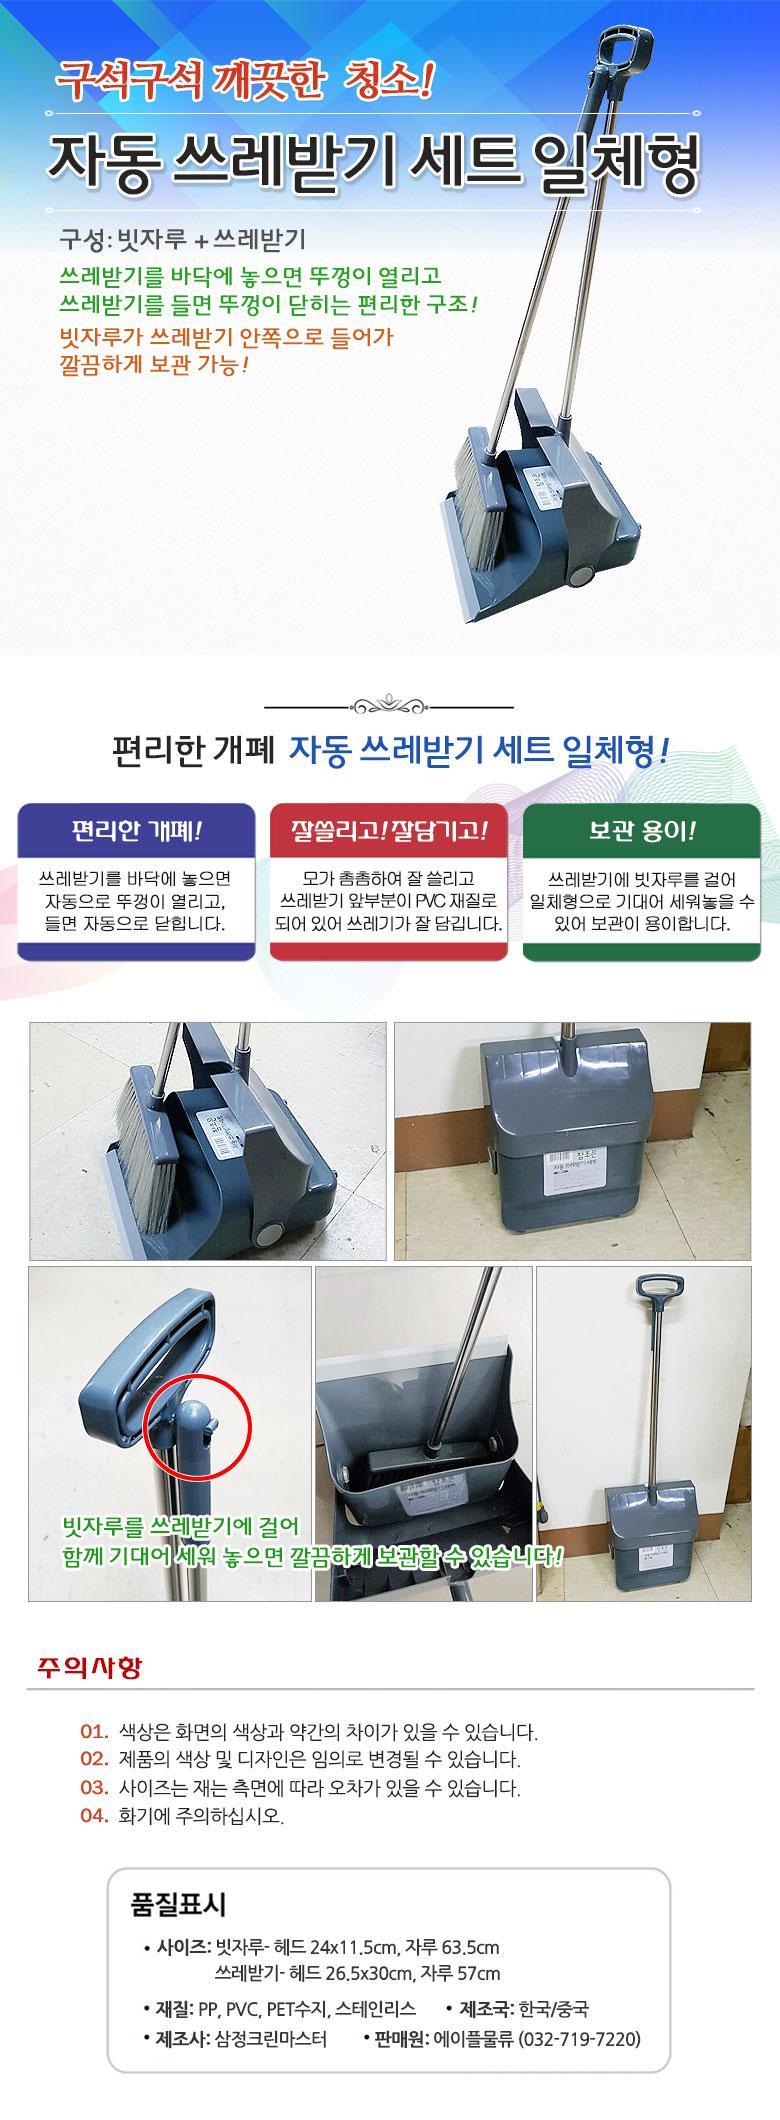 자동쓰레받기세트 일체형(참조은자동쓰레받기세트) 빗 빗자루세트 쓰레받기빗자루세트 방빗자루 미용실빗자루 청소도구